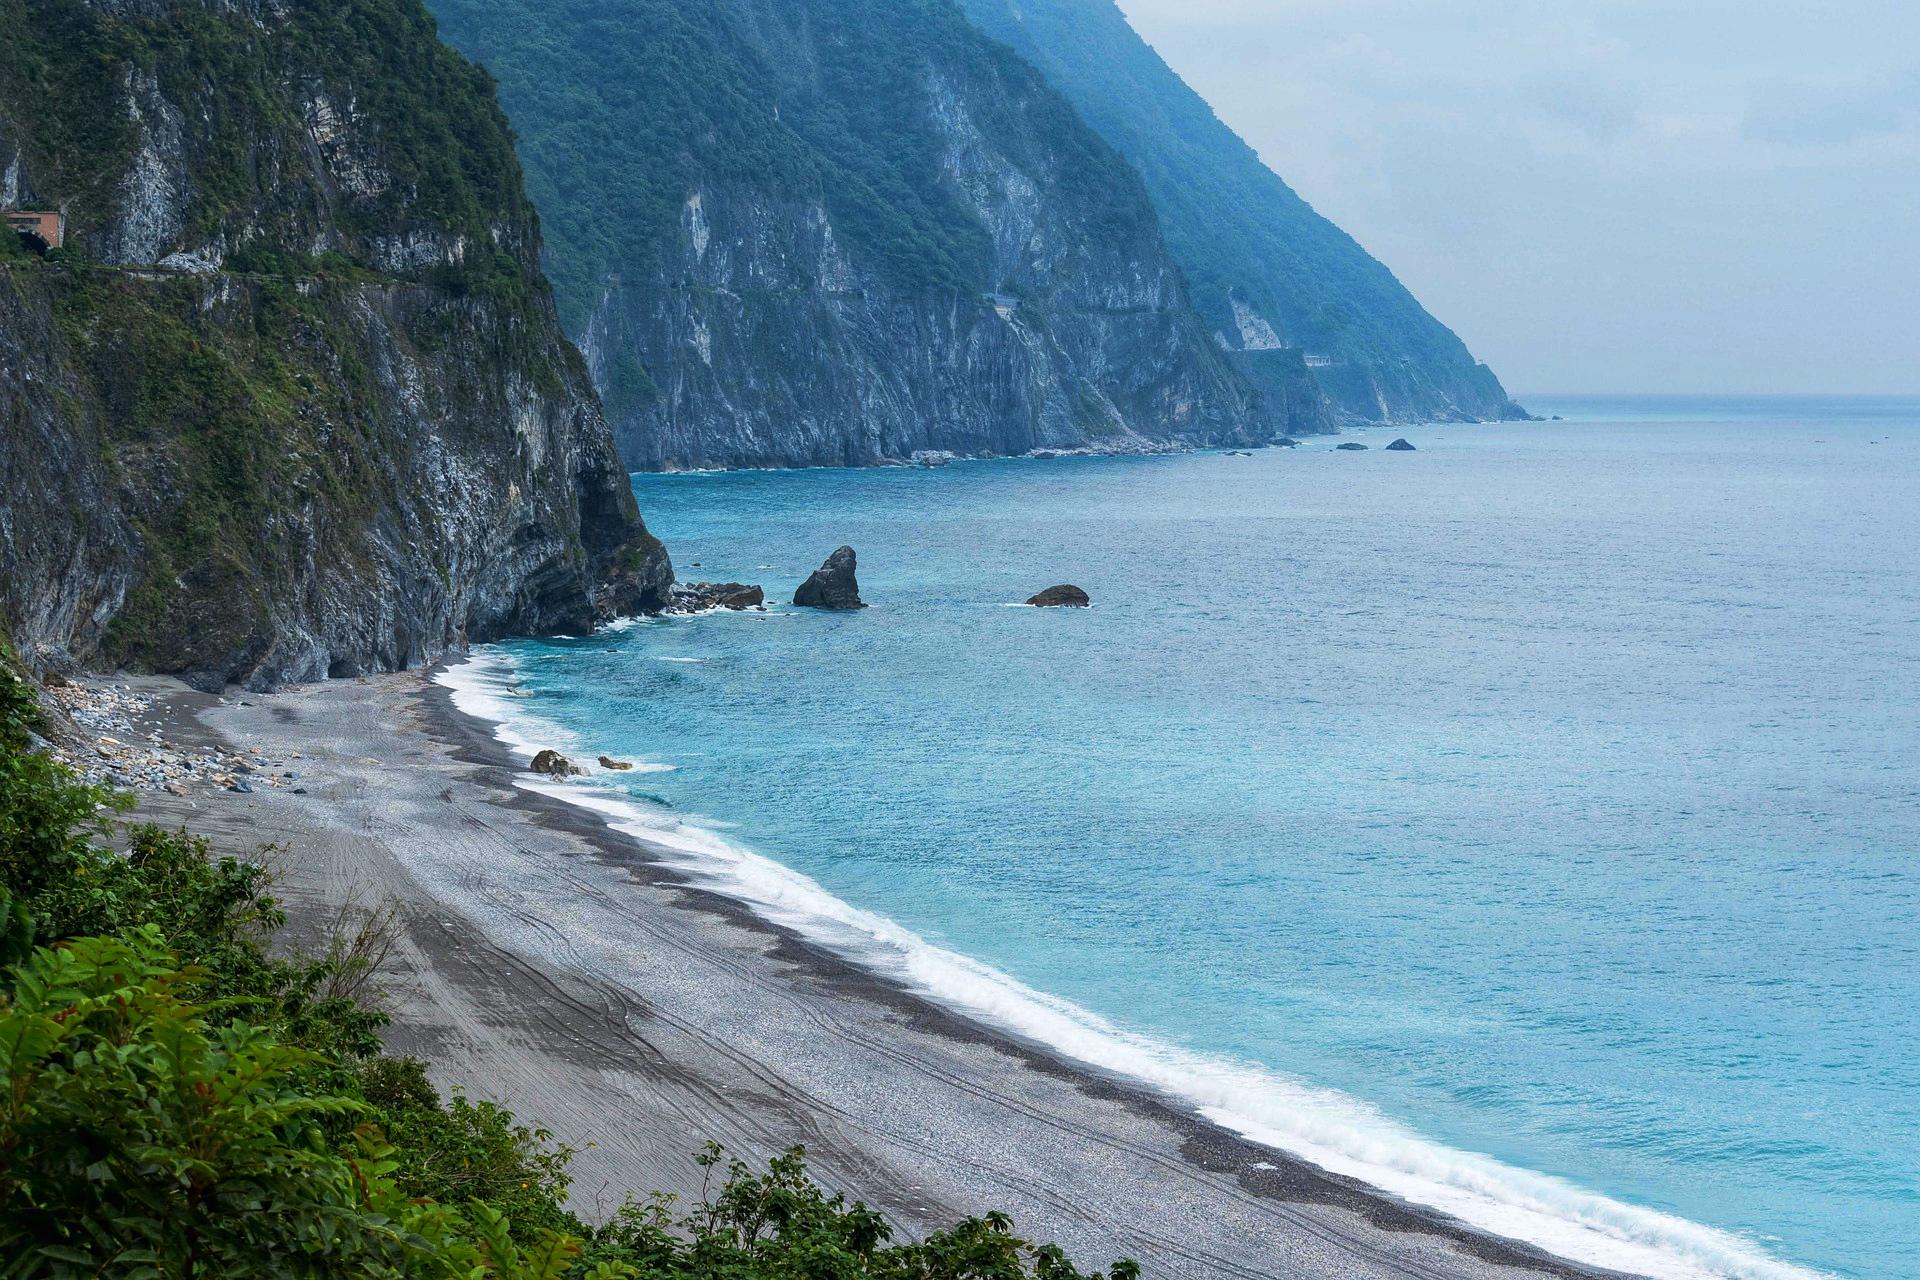 花蓮清水斷崖一景,彷彿昭示著我們與海的不可分割,再不禁塑,美景就會消逝